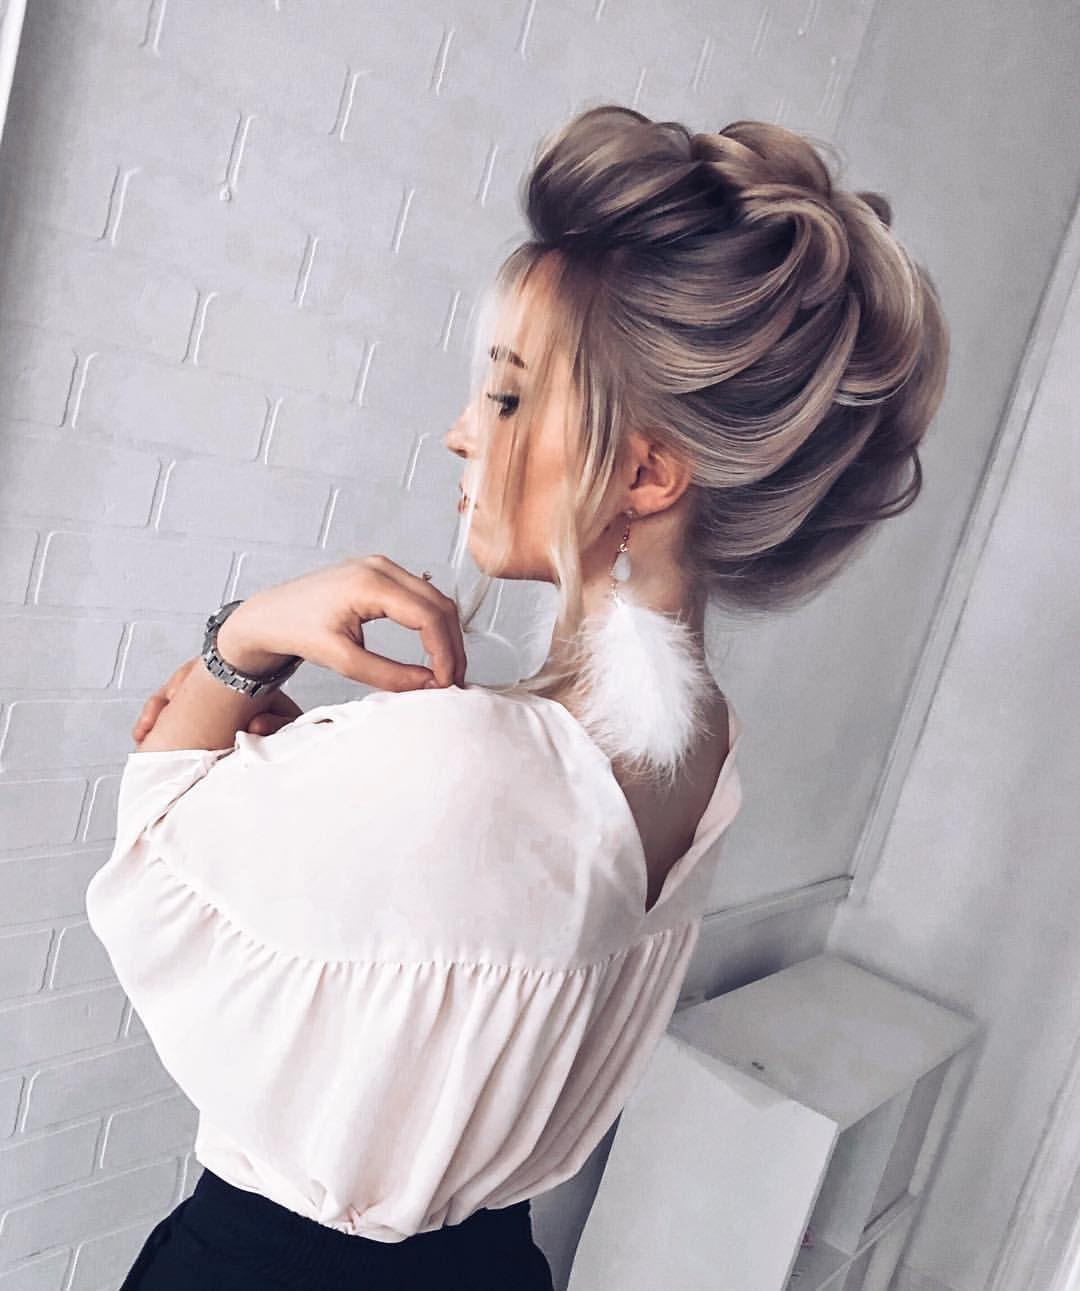 Obuchayu Master Klassy Nevesty Shiyan Marina On Somegram Posts Videos Stories Somegram Raspisanie Zanyatij Hair Styles Long Hair Styles Hair Beauty